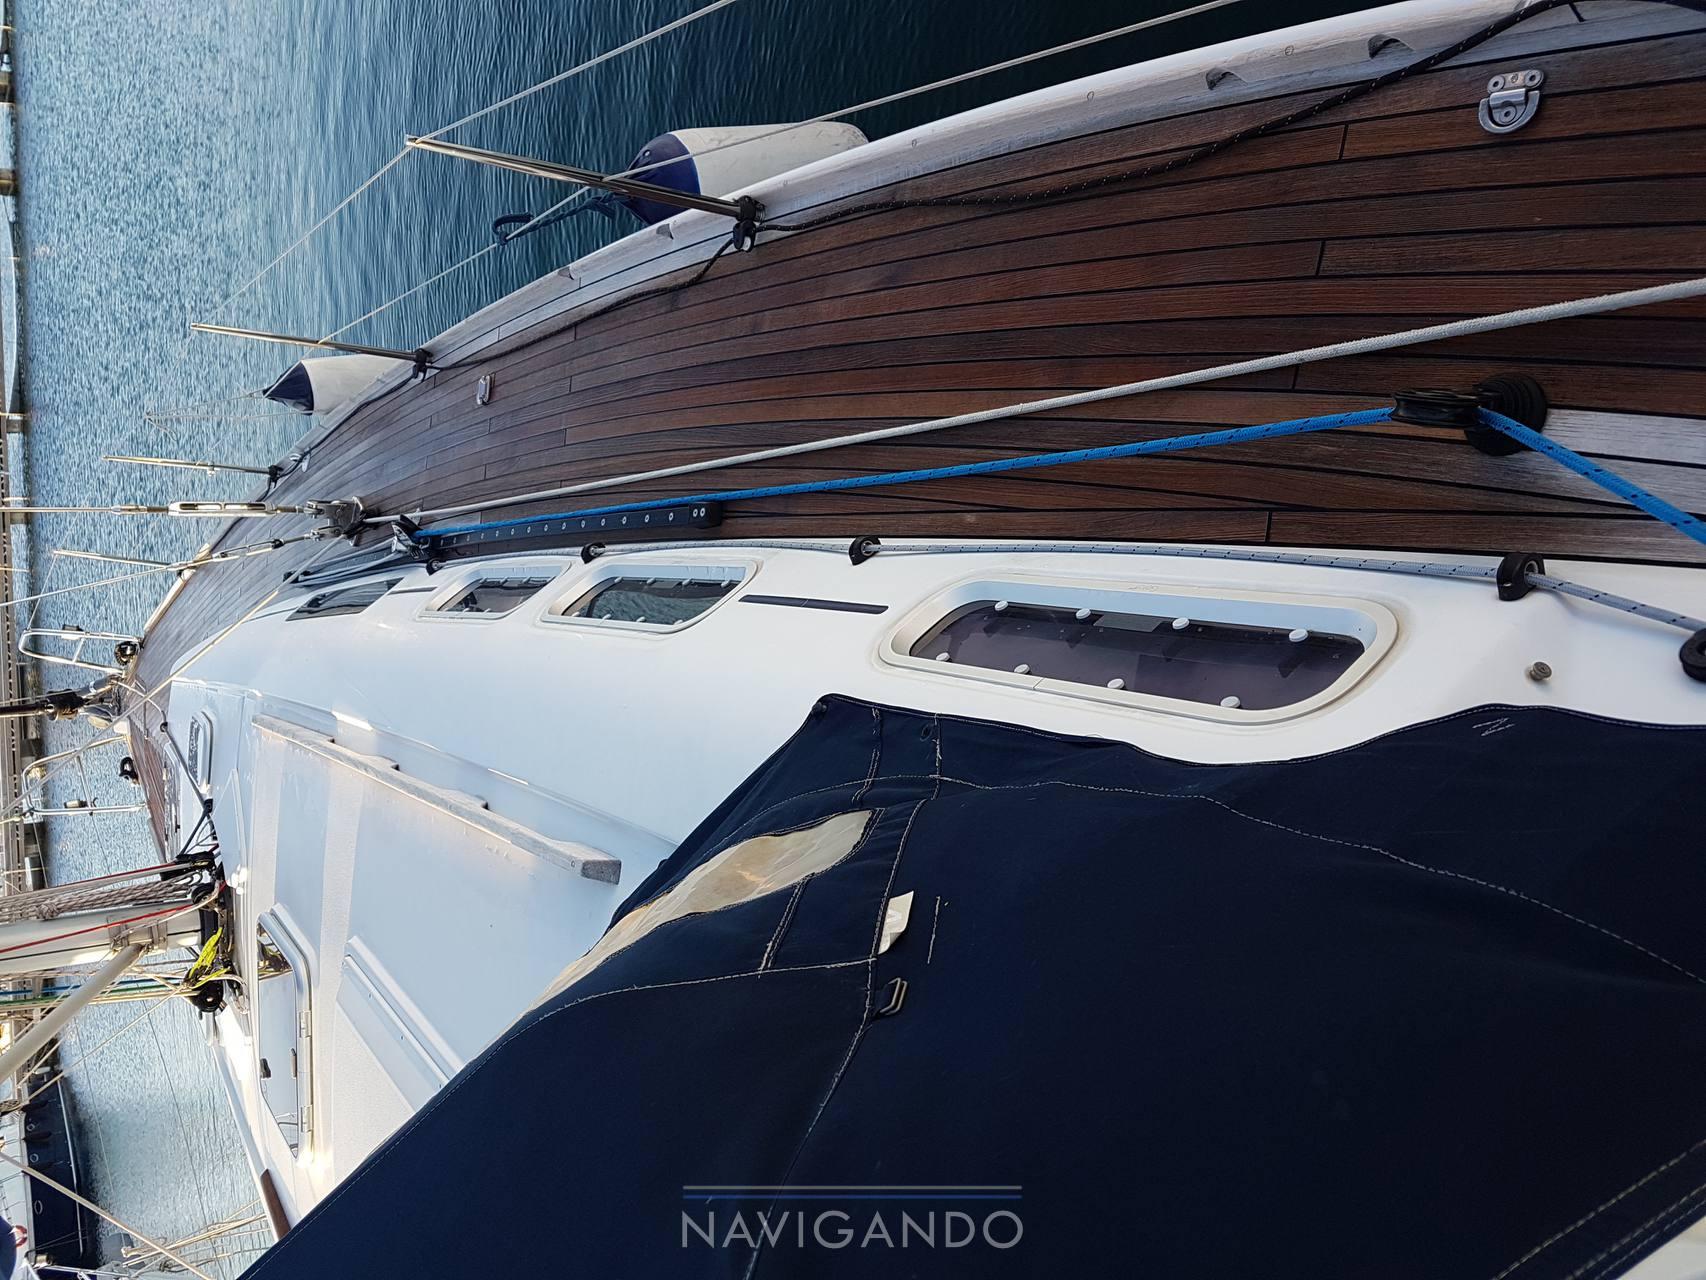 Del pardo Grand soleil 45 Sail cruiser